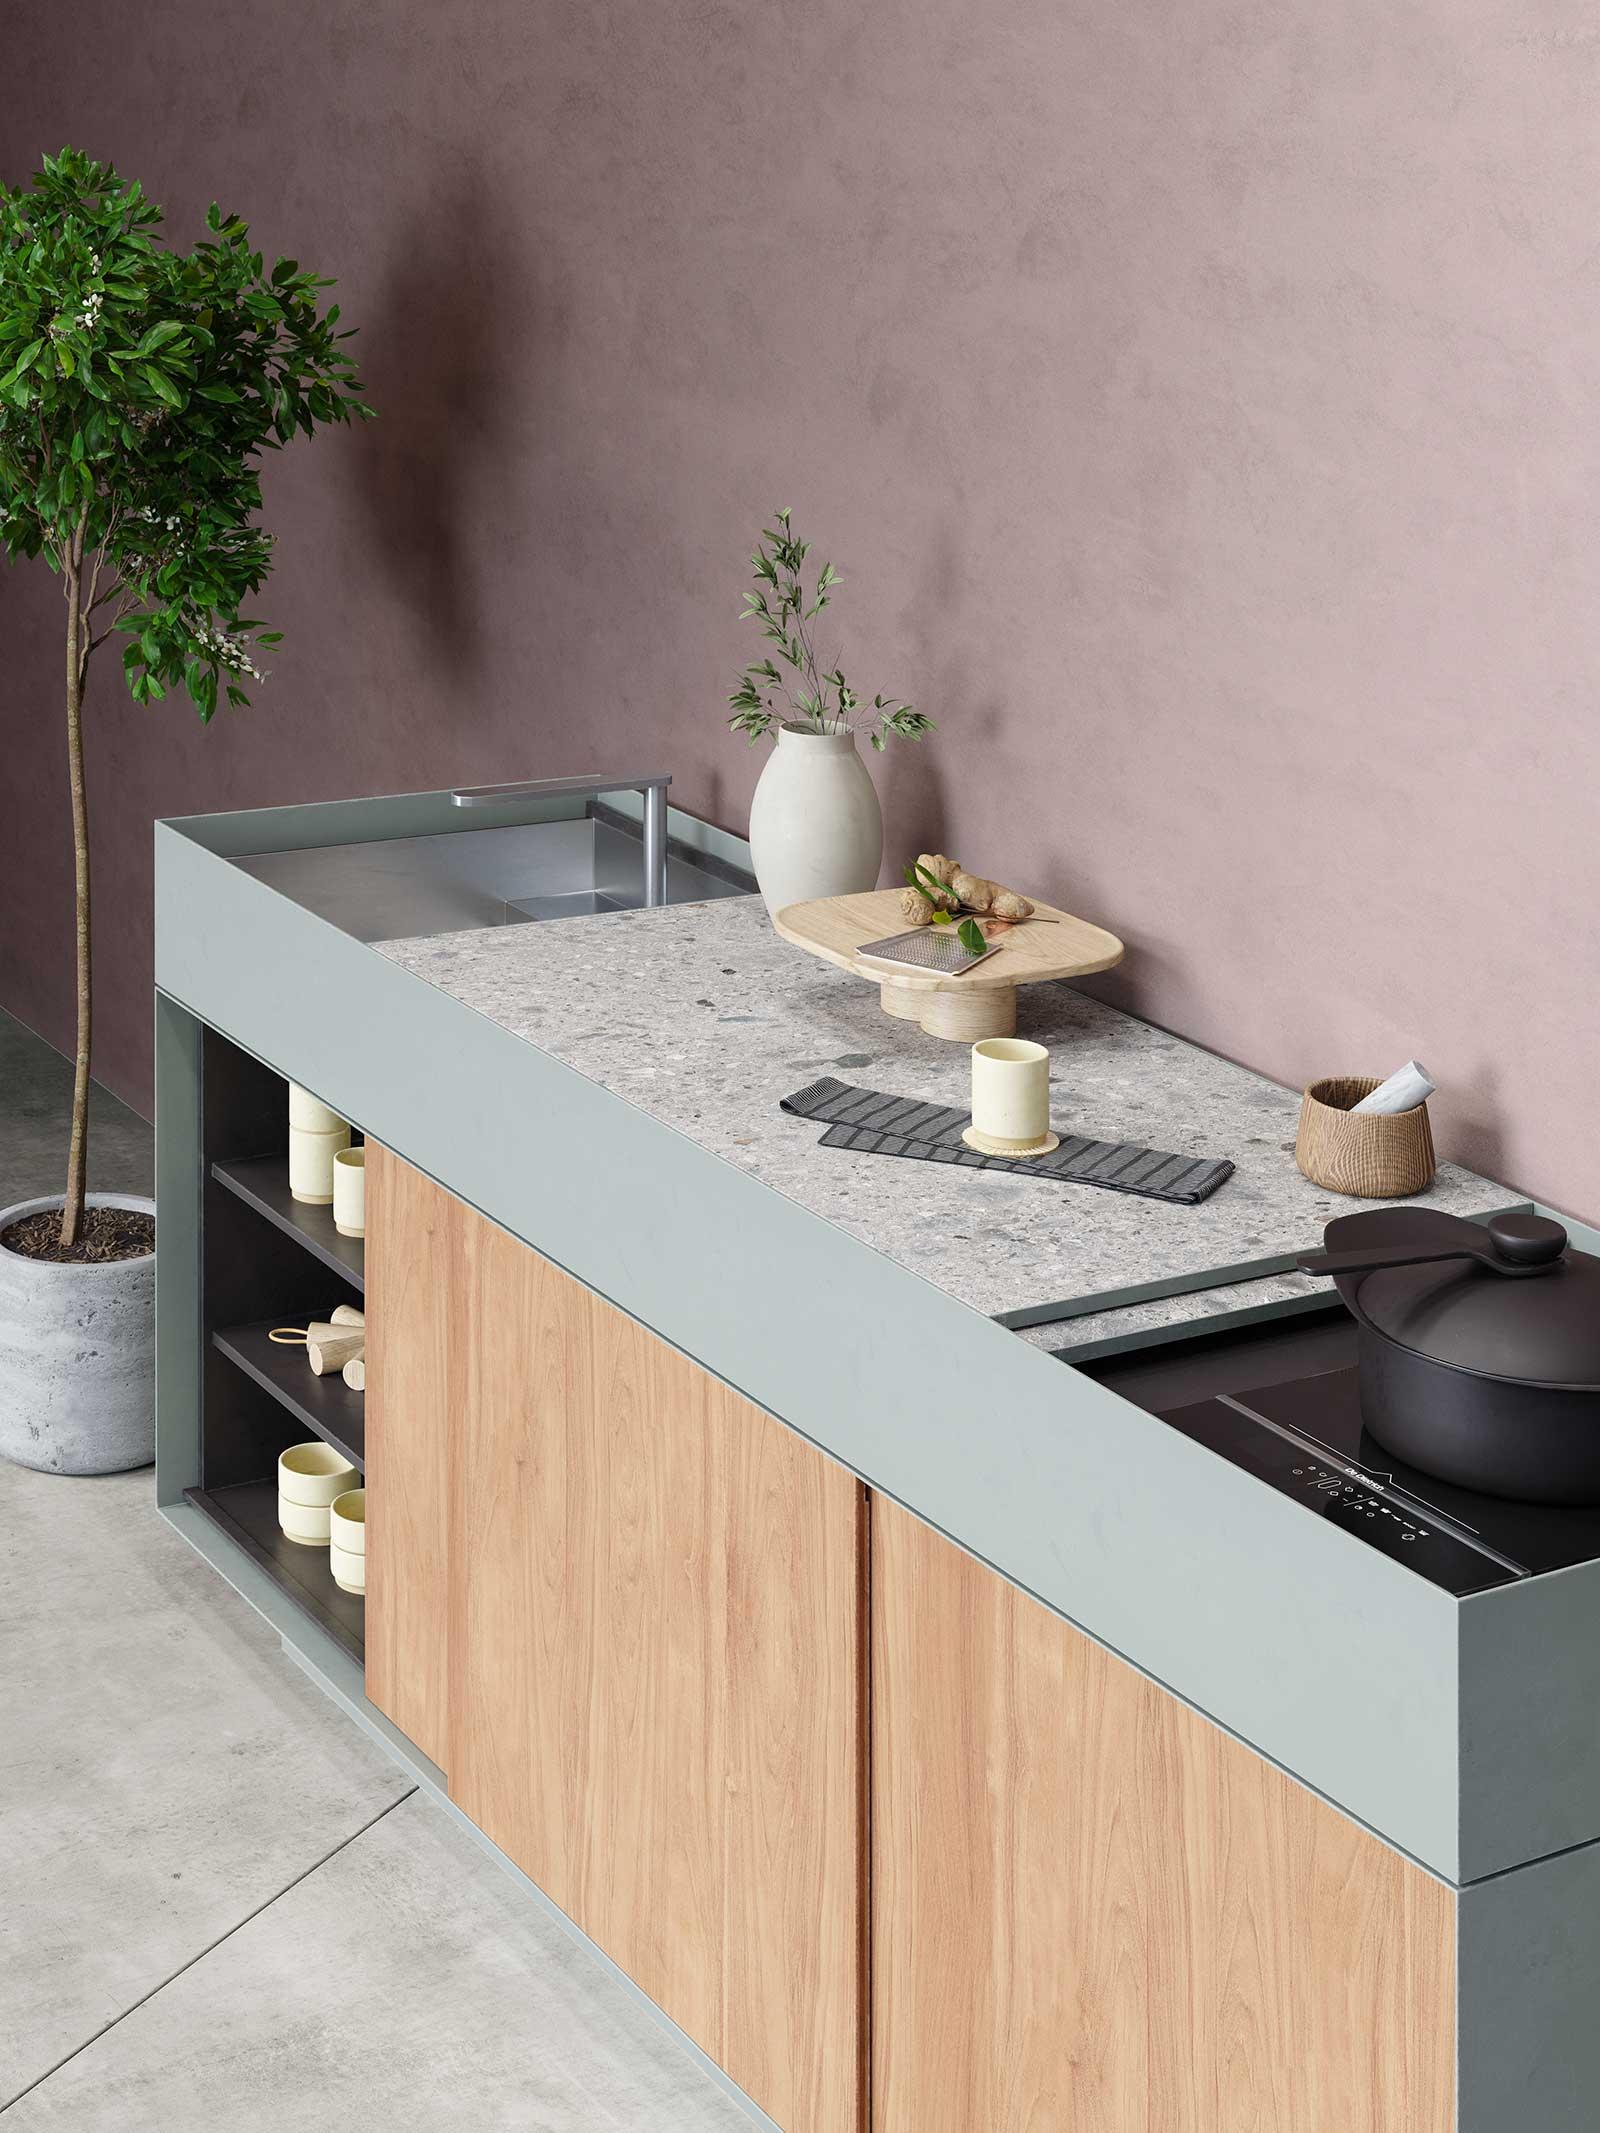 foto_slider_1709_0_kettal_outdoor_kitchen_21_1.jpg